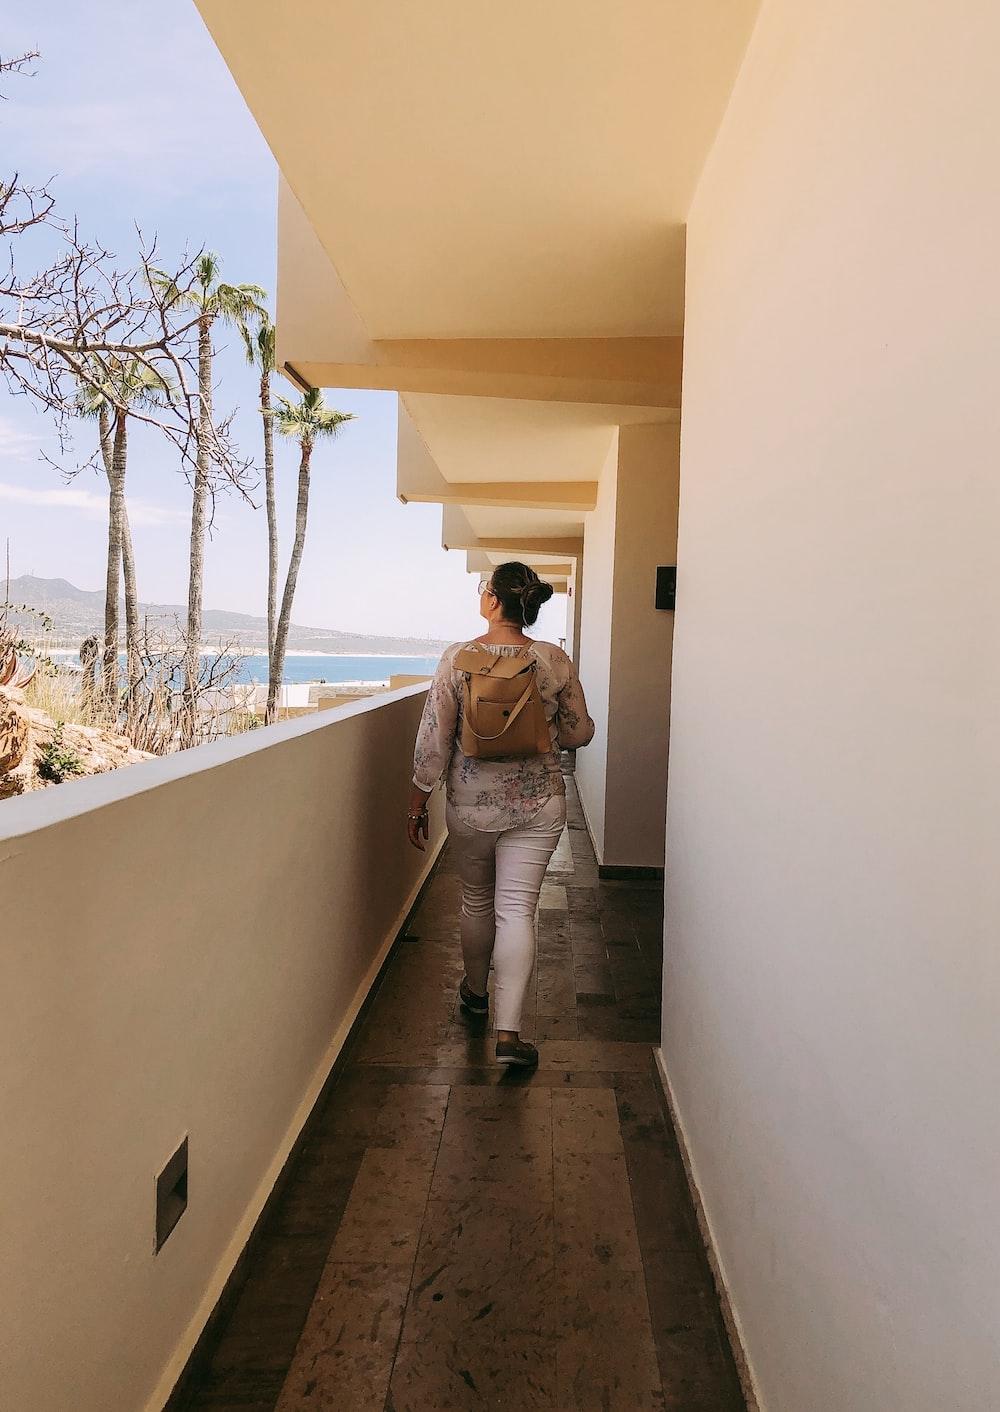 woman walking near walkway inside building